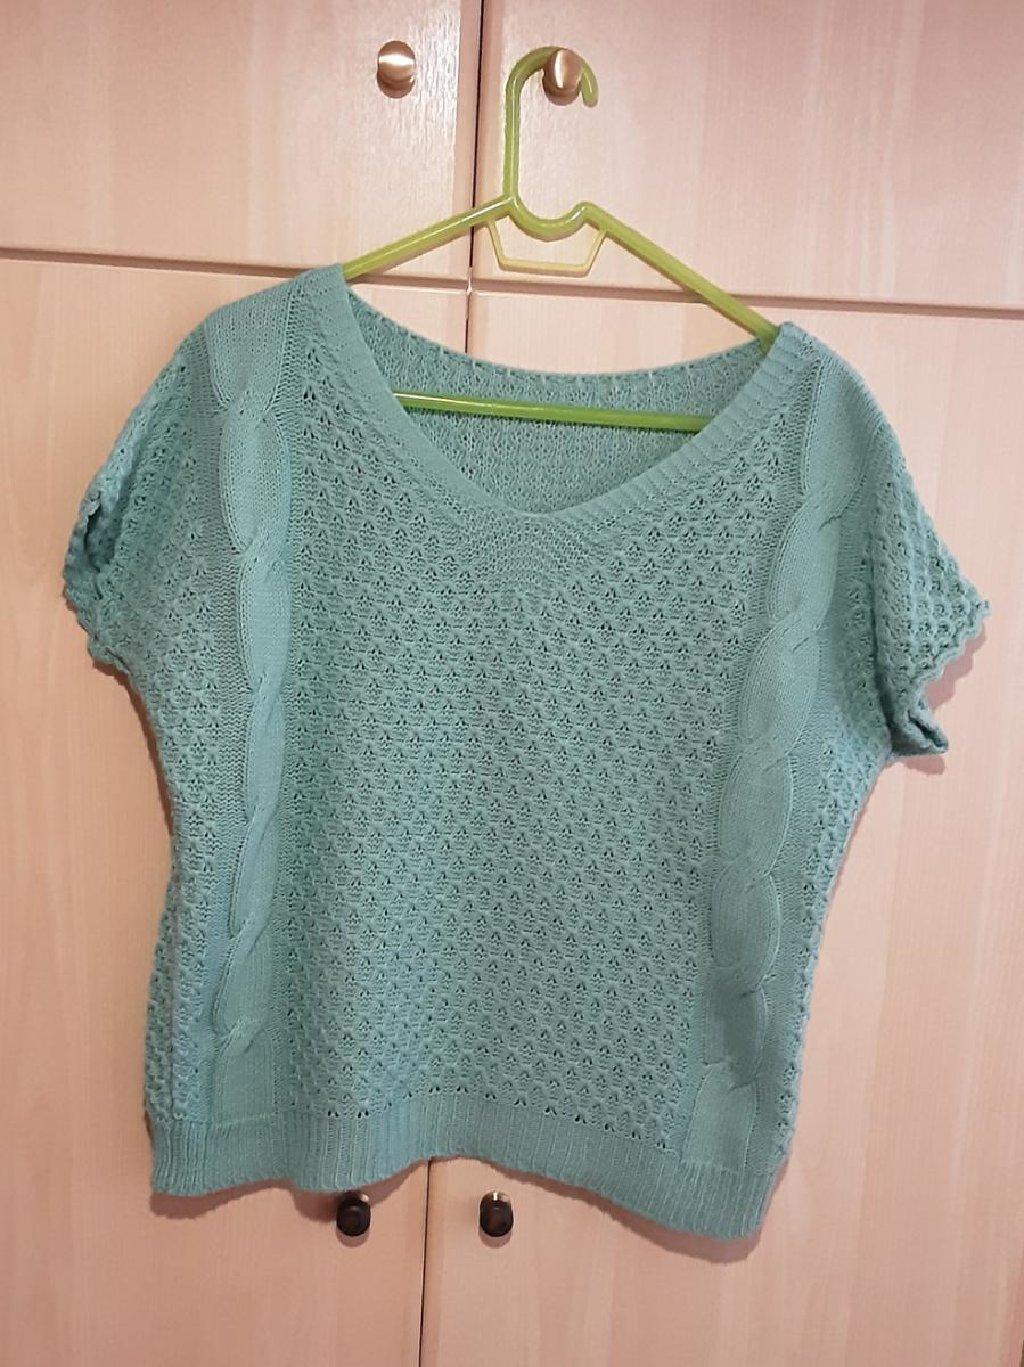 Πλεκτή μπλούζα, One Size, χρώμα : βεραμάν, αφόρετη